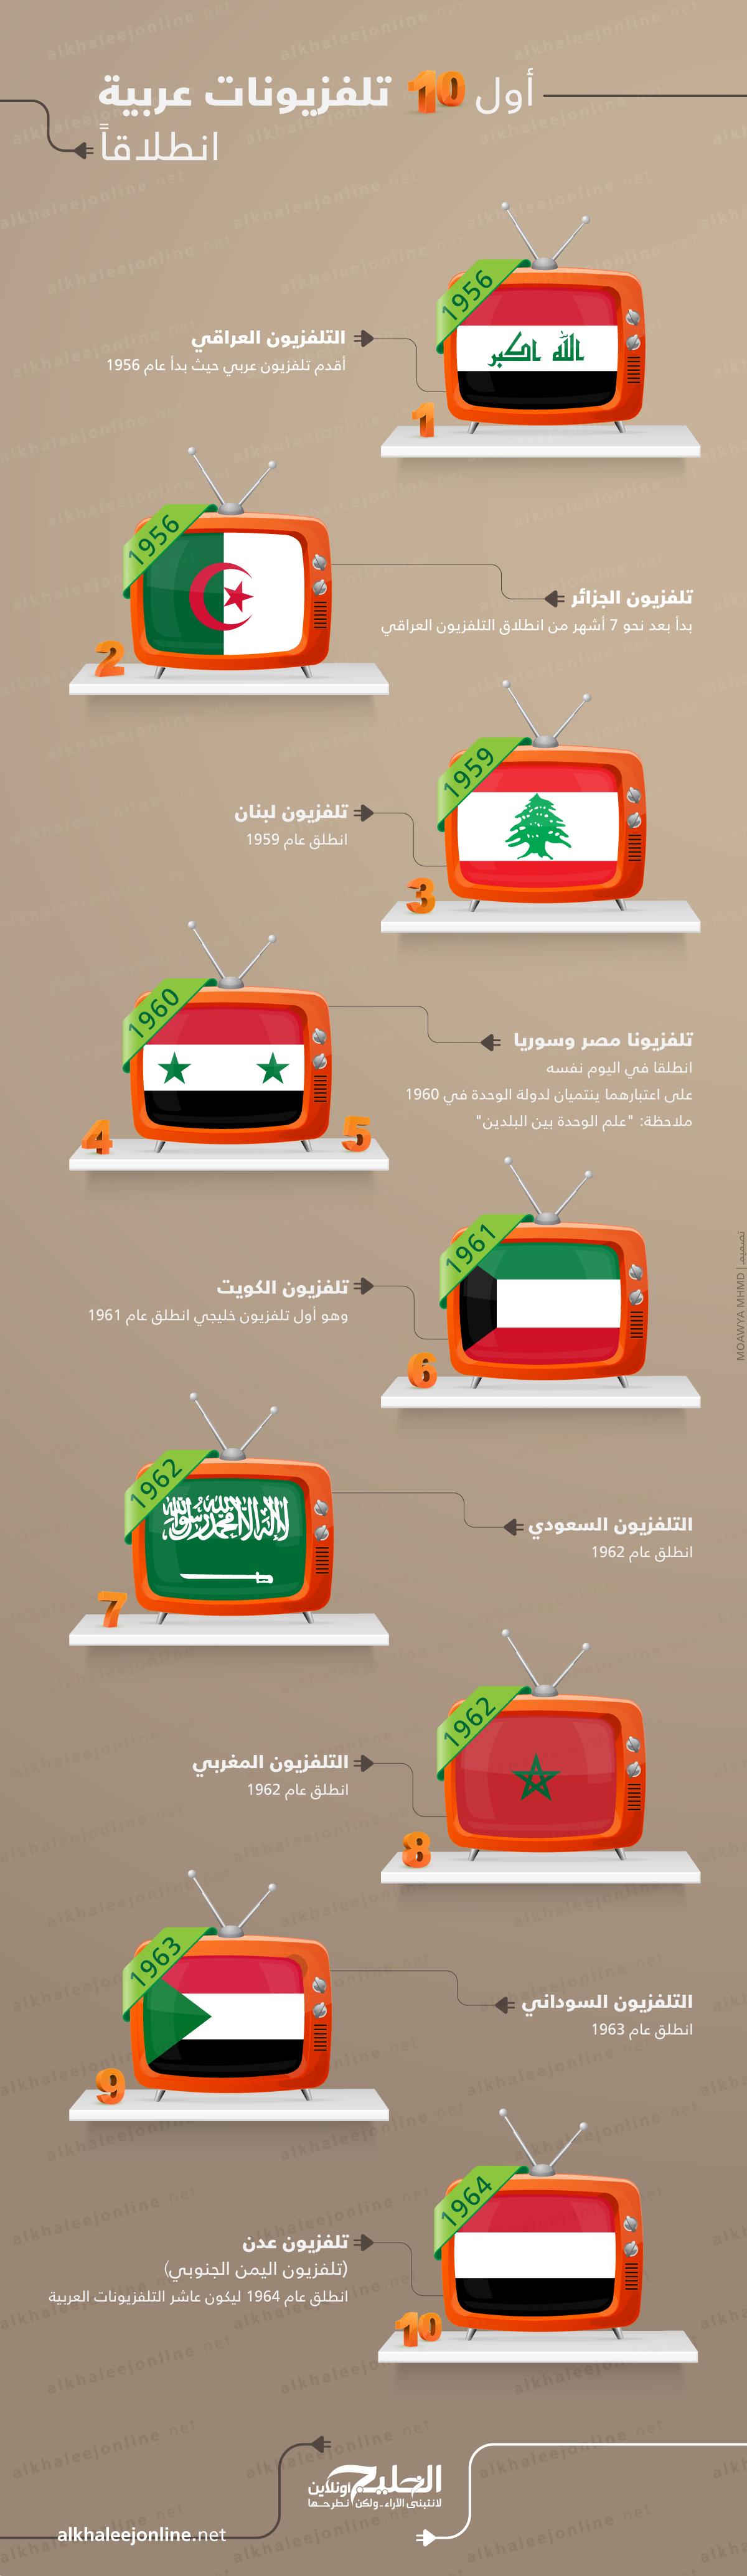 تلفزيونات عربيا